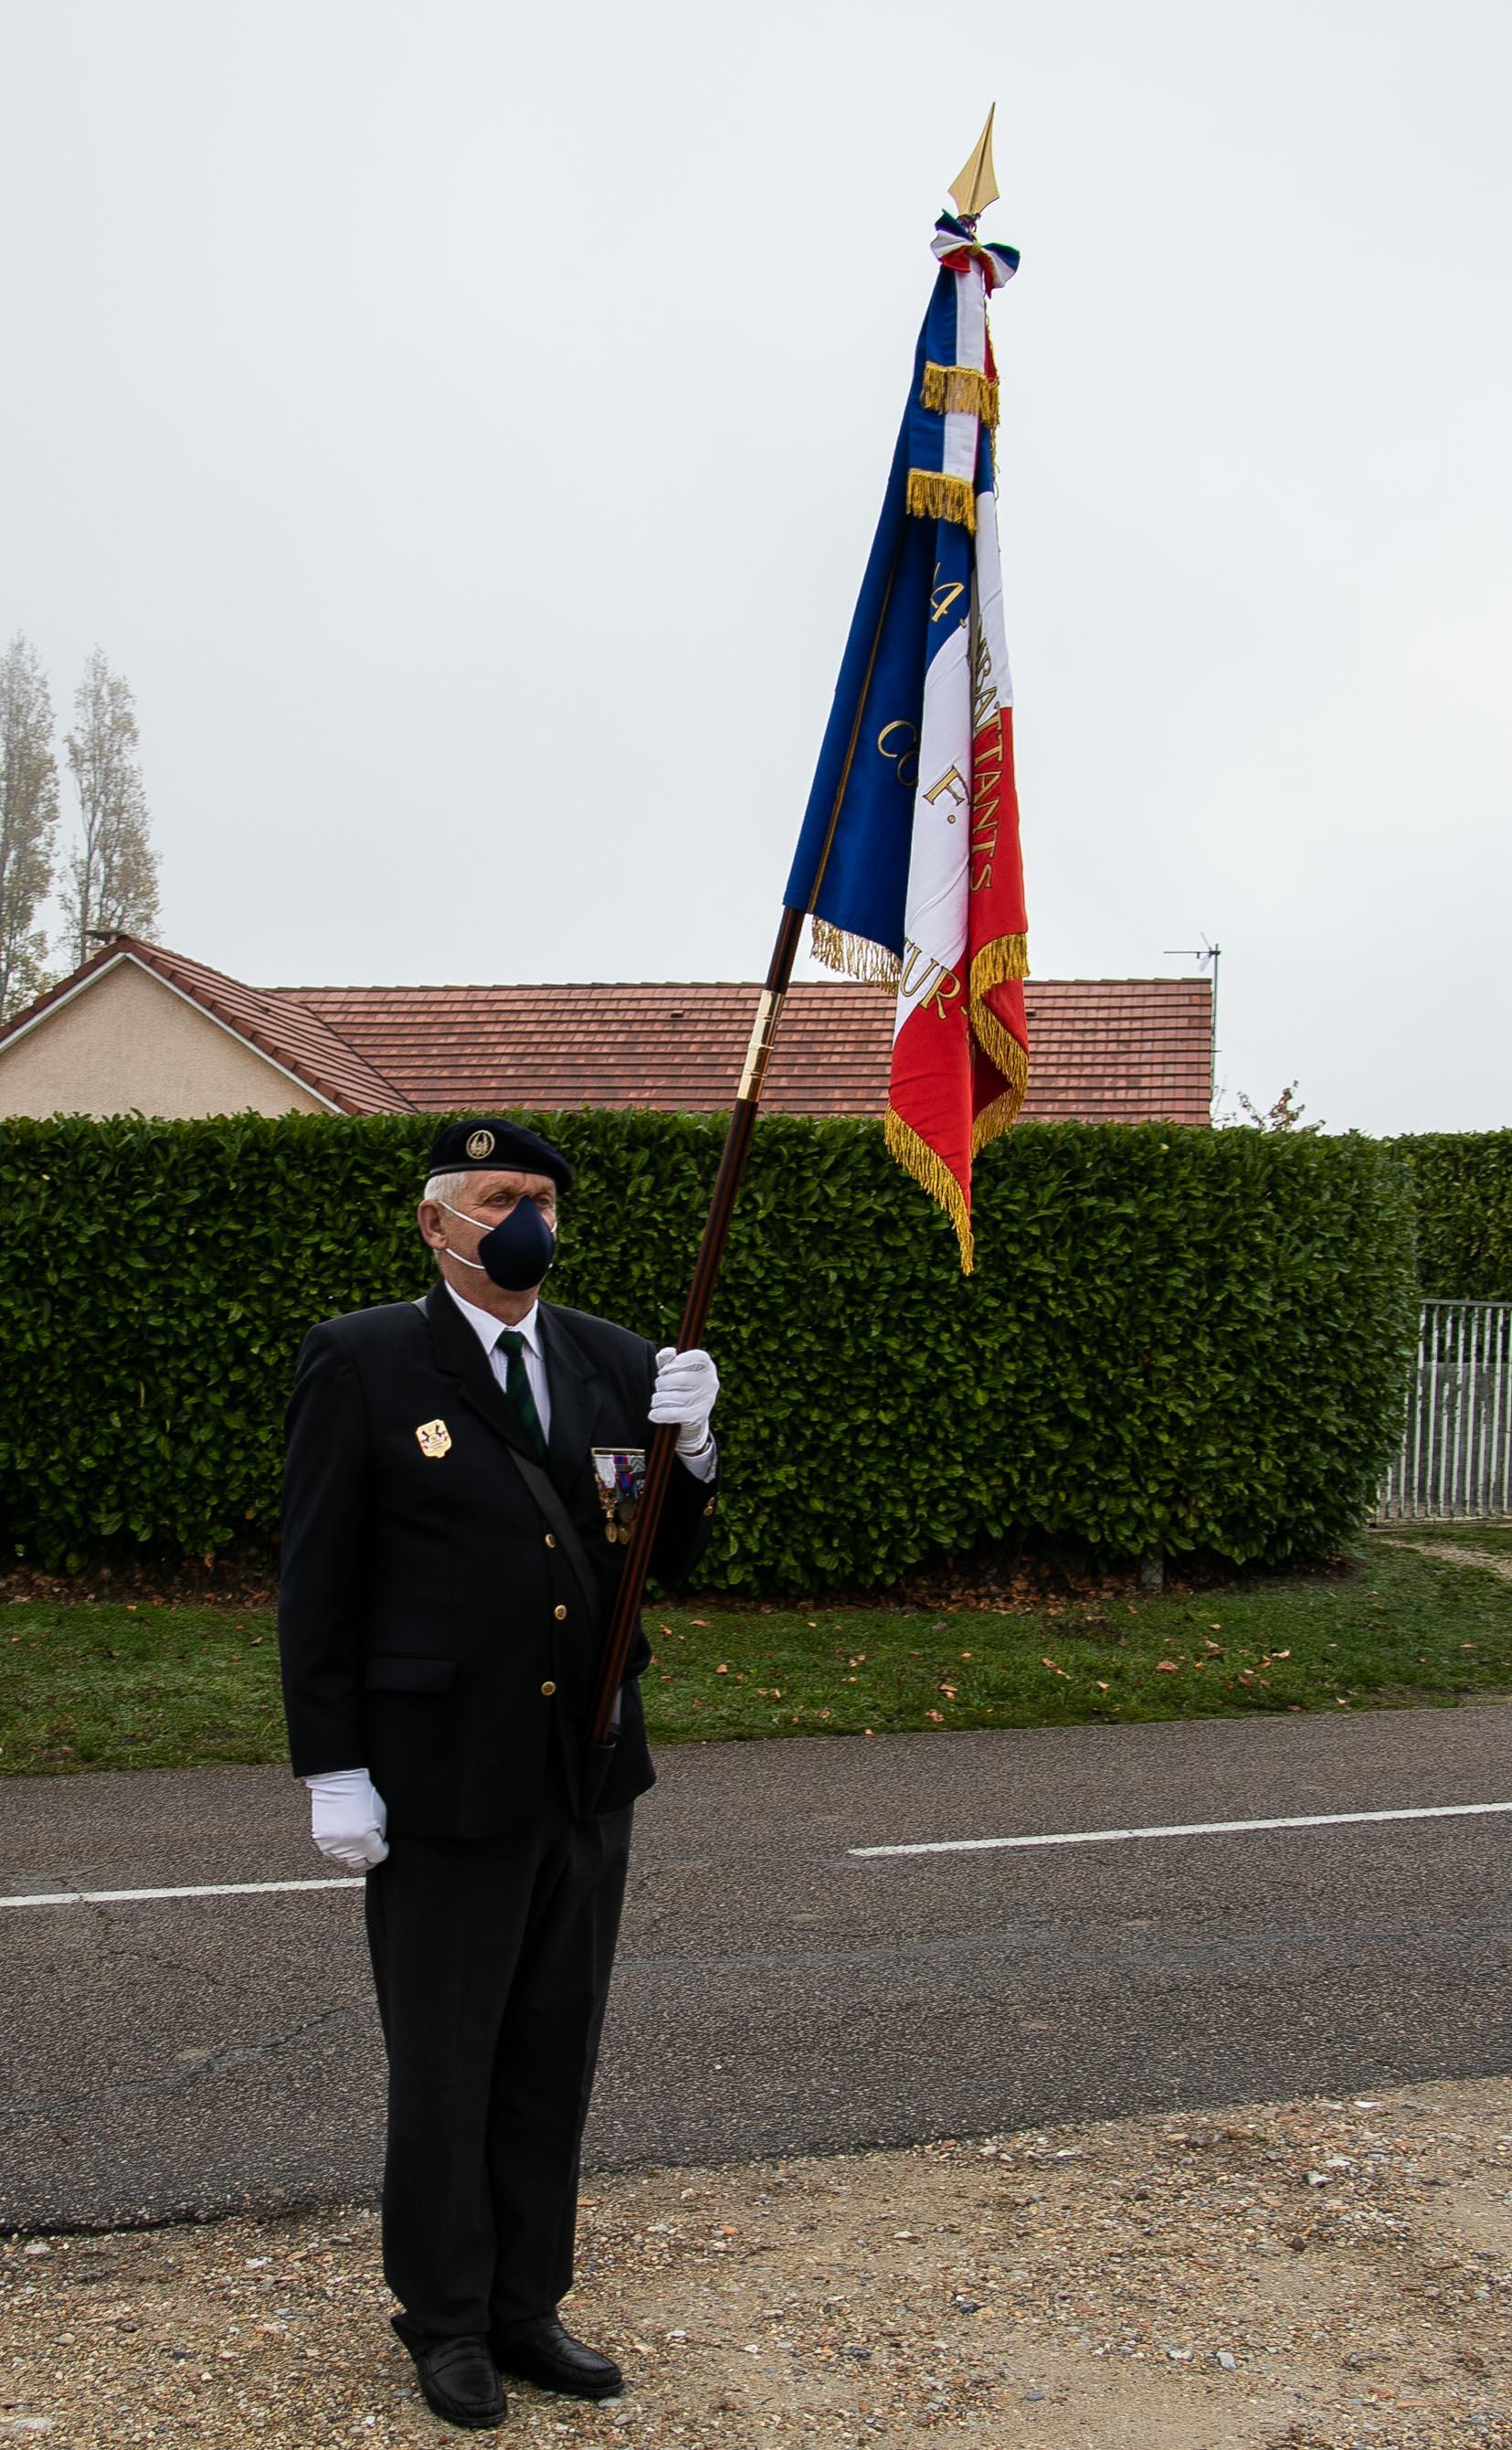 24 porte drapeau pascal quignon 2 _1 sur 1_.jpg